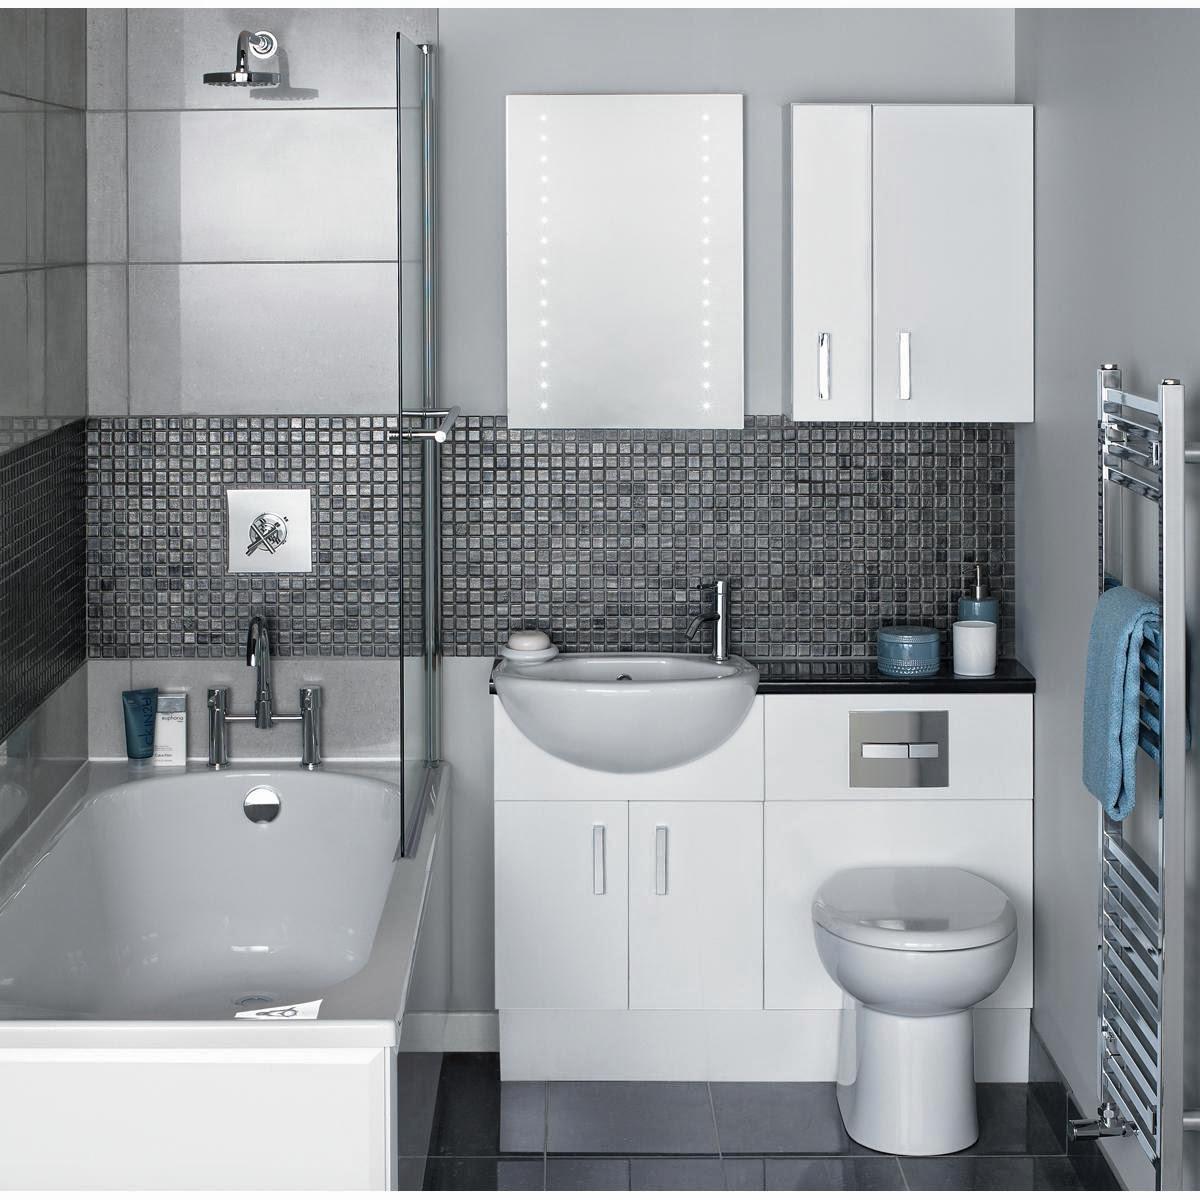 Mała łazienka Inspiracje Urządzania Wnętrz Codziennie Szczypta